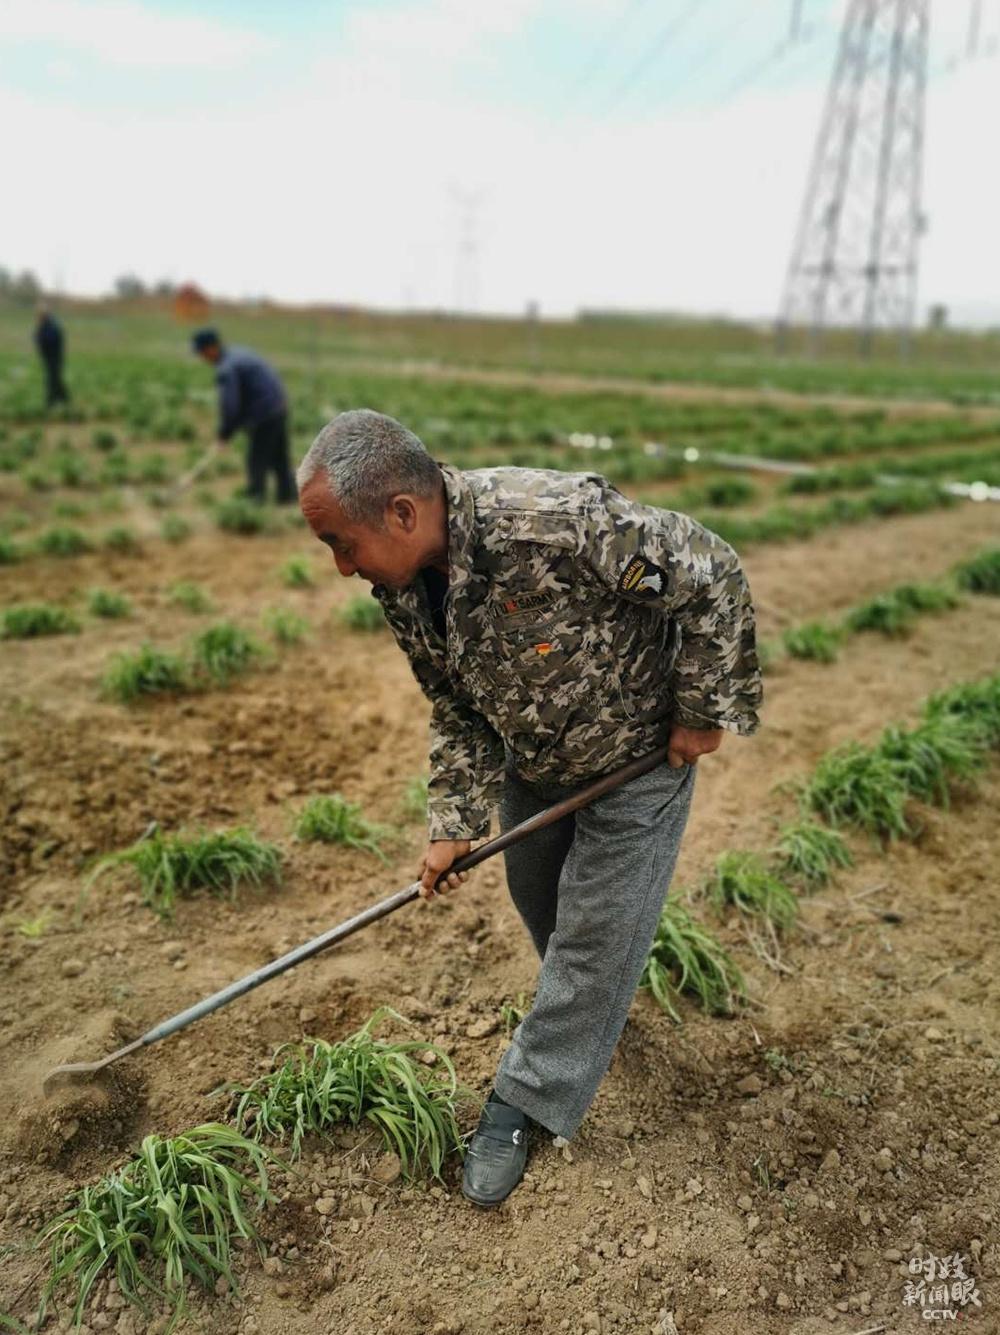 △云州区有机黄花标准化种植基地面积约1.68万亩,亩产新鲜黄花约3000余斤。(总台央视记者彭柏闳、钟锐拍摄)